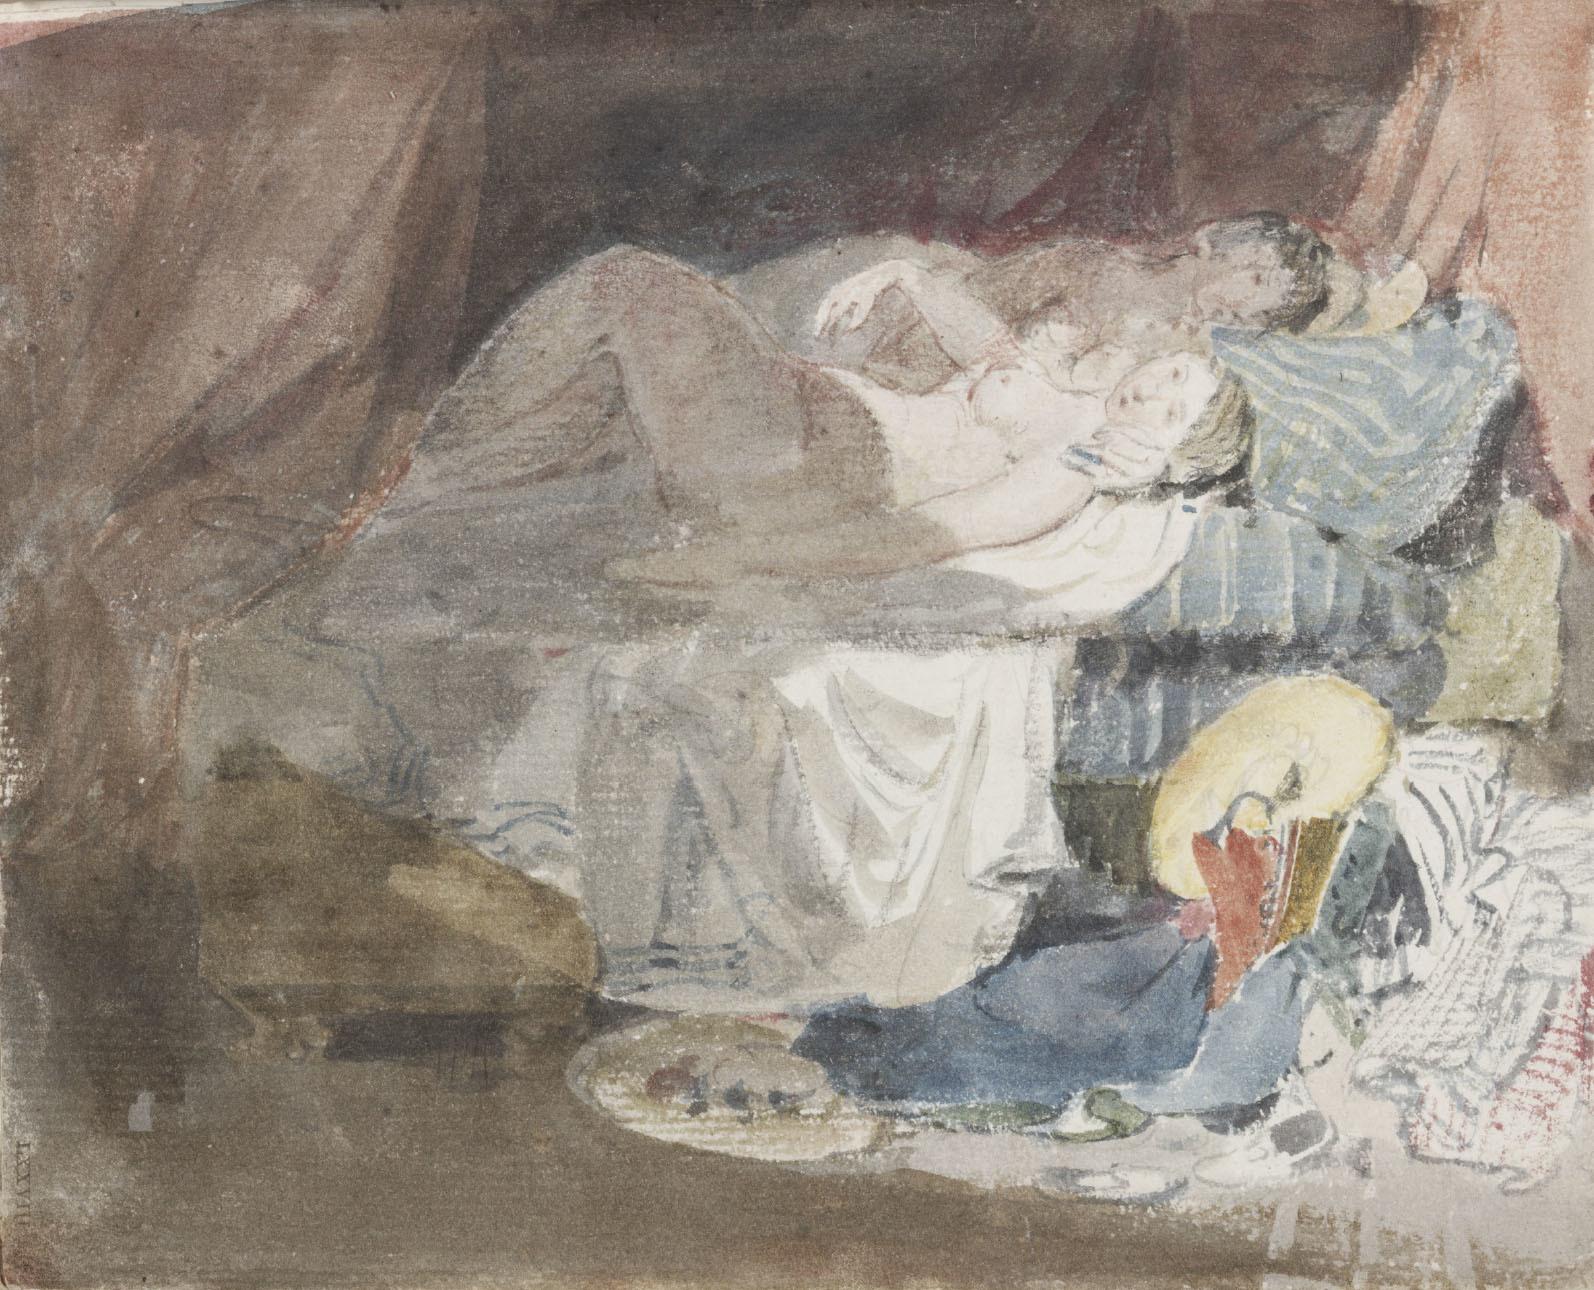 ジョゼフ・マロード・ウィリアム・ターナー 《ベッドに横たわるスイス人の裸の少女とその相手》「スイス人物」スケッチブックより 1802年 黒鉛、水彩/紙 16.3×19.8cm